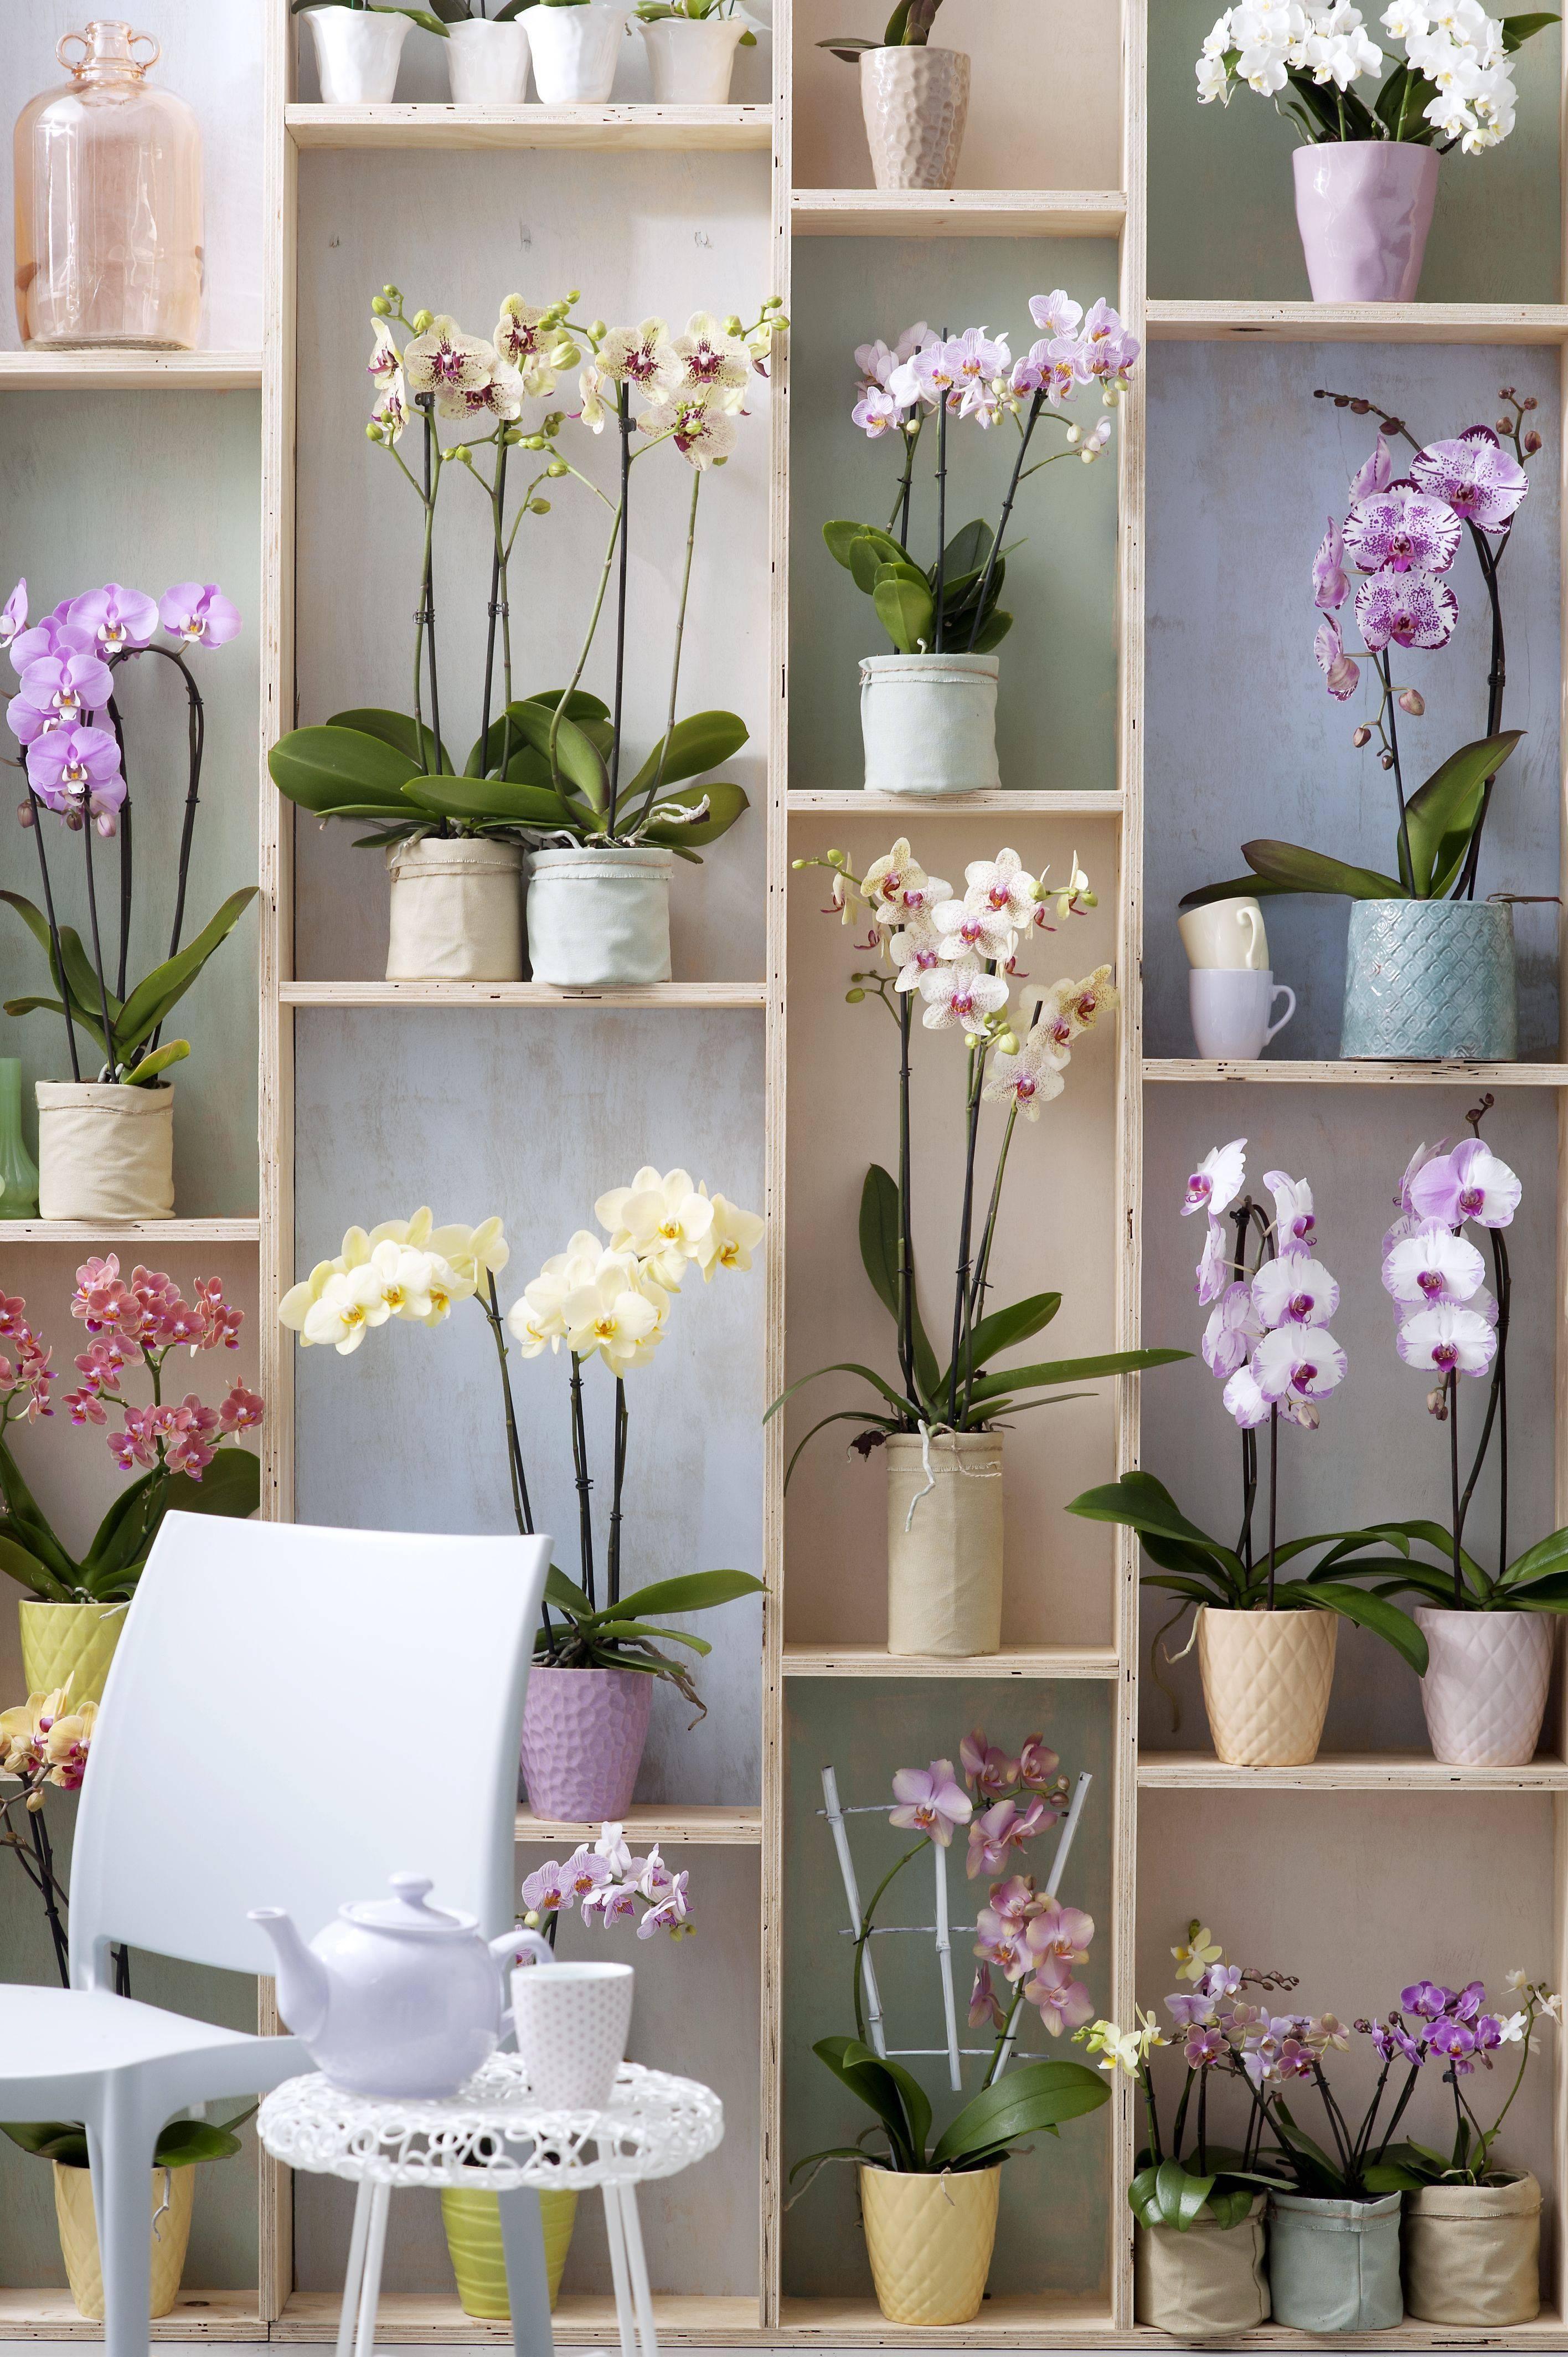 Можно ли держать дома орхидеи (фаленопсис)